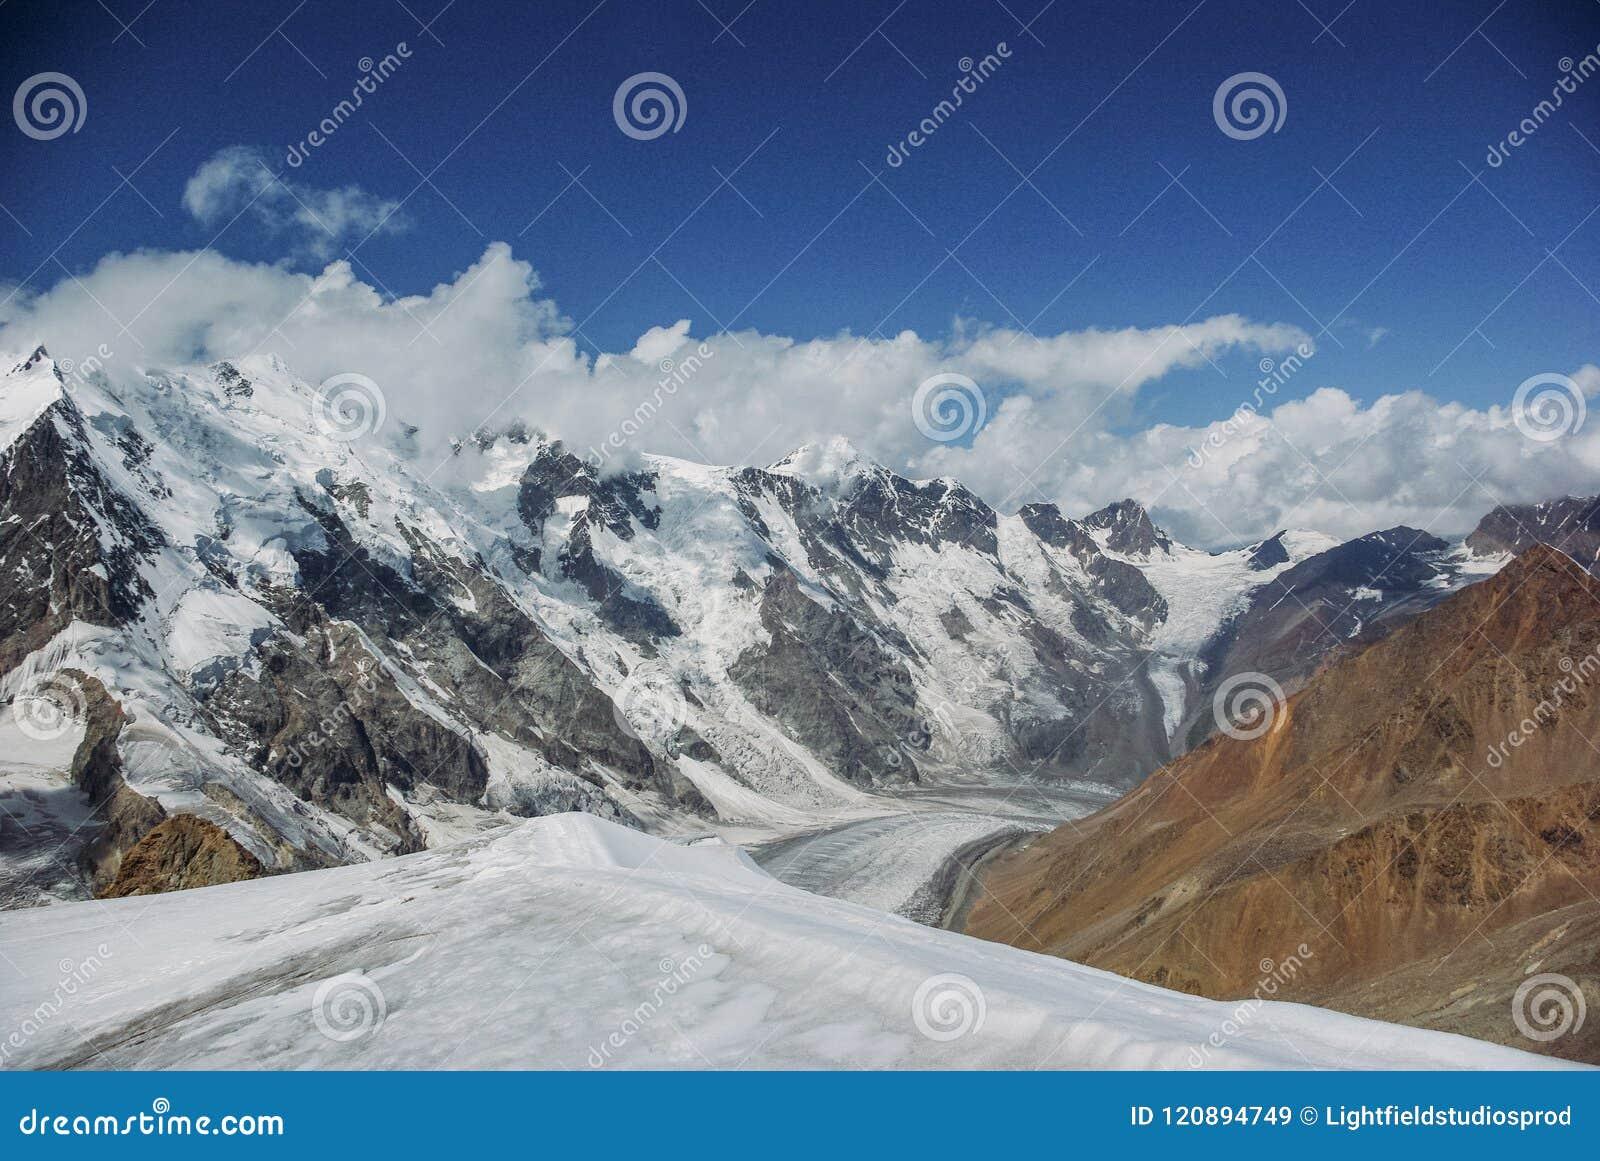 Erstaunliche Ansicht von Bergen gestalten mit Schnee, Russische Föderation, Kaukasus landschaftlich,